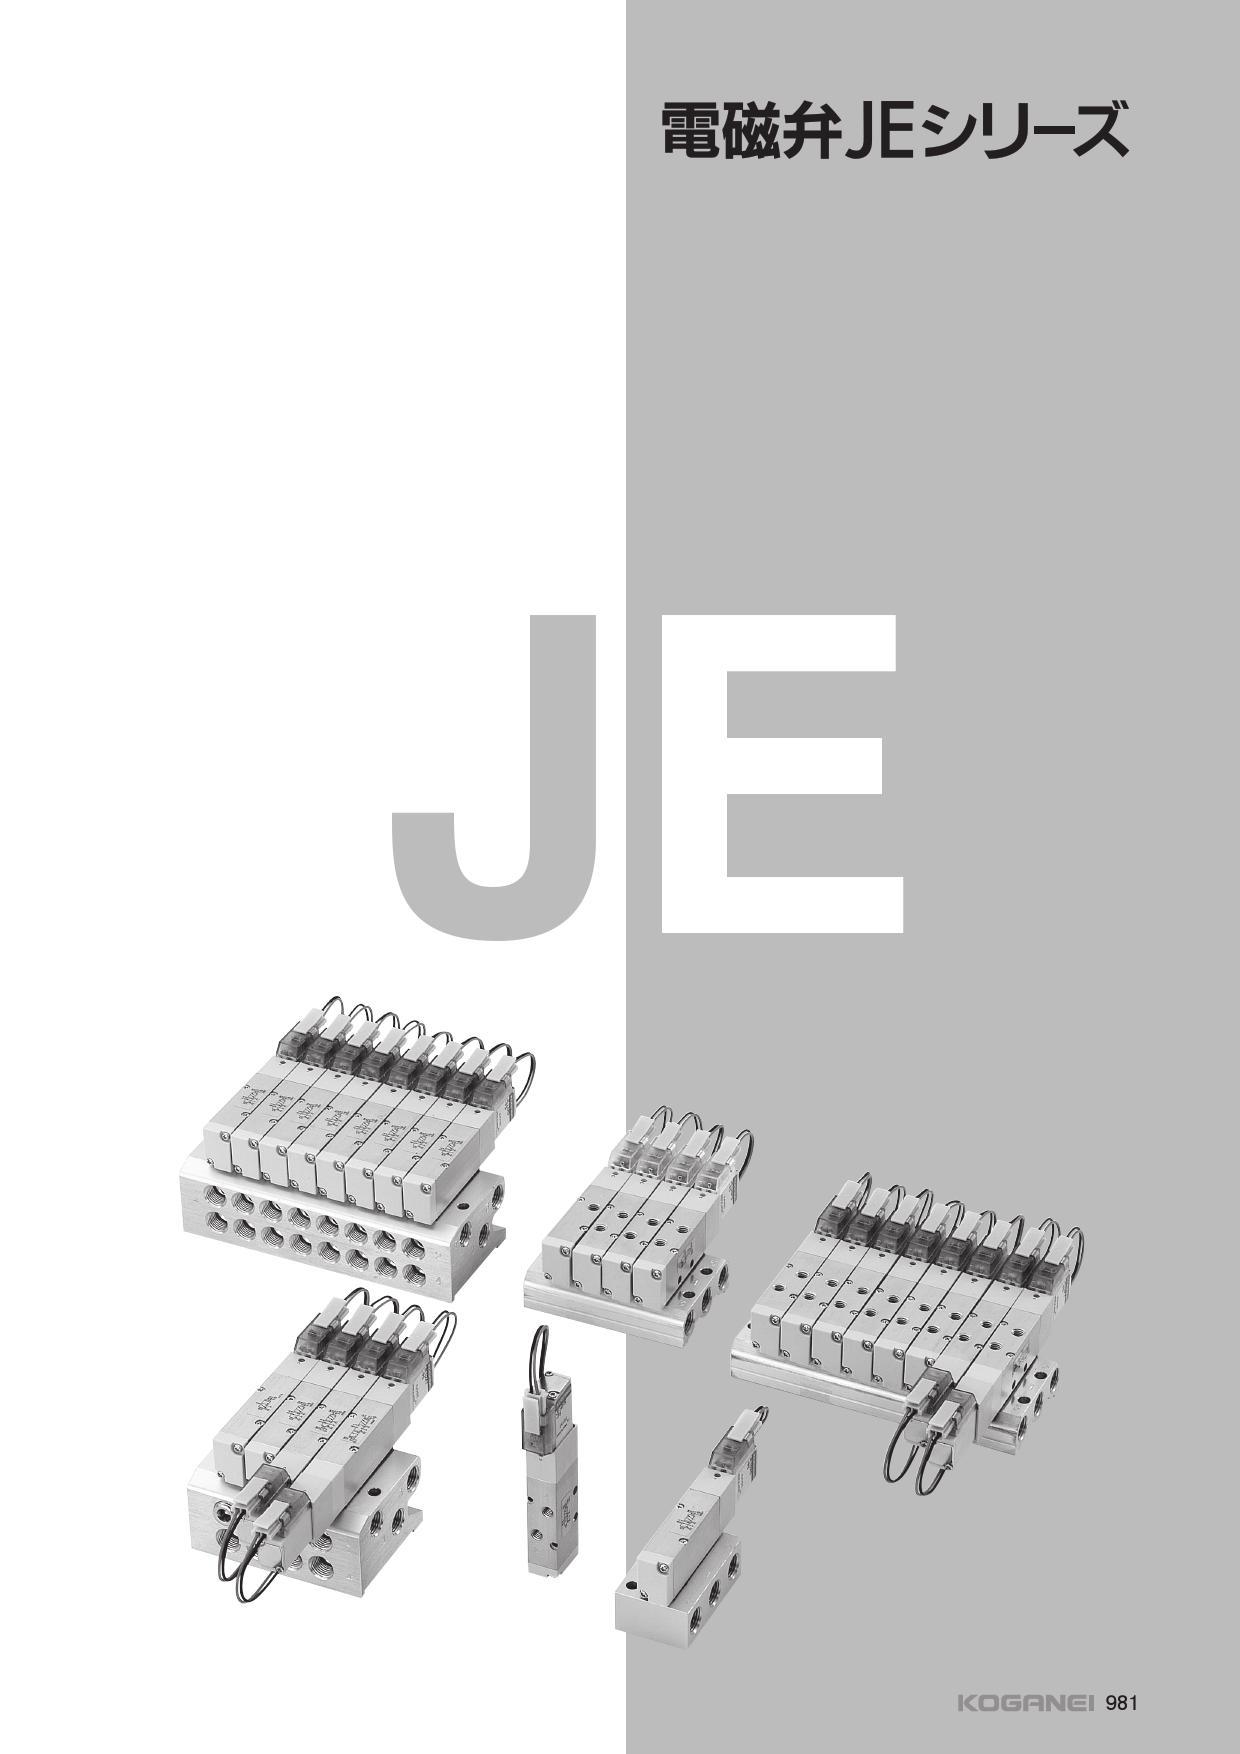 コガネイ 電磁 弁